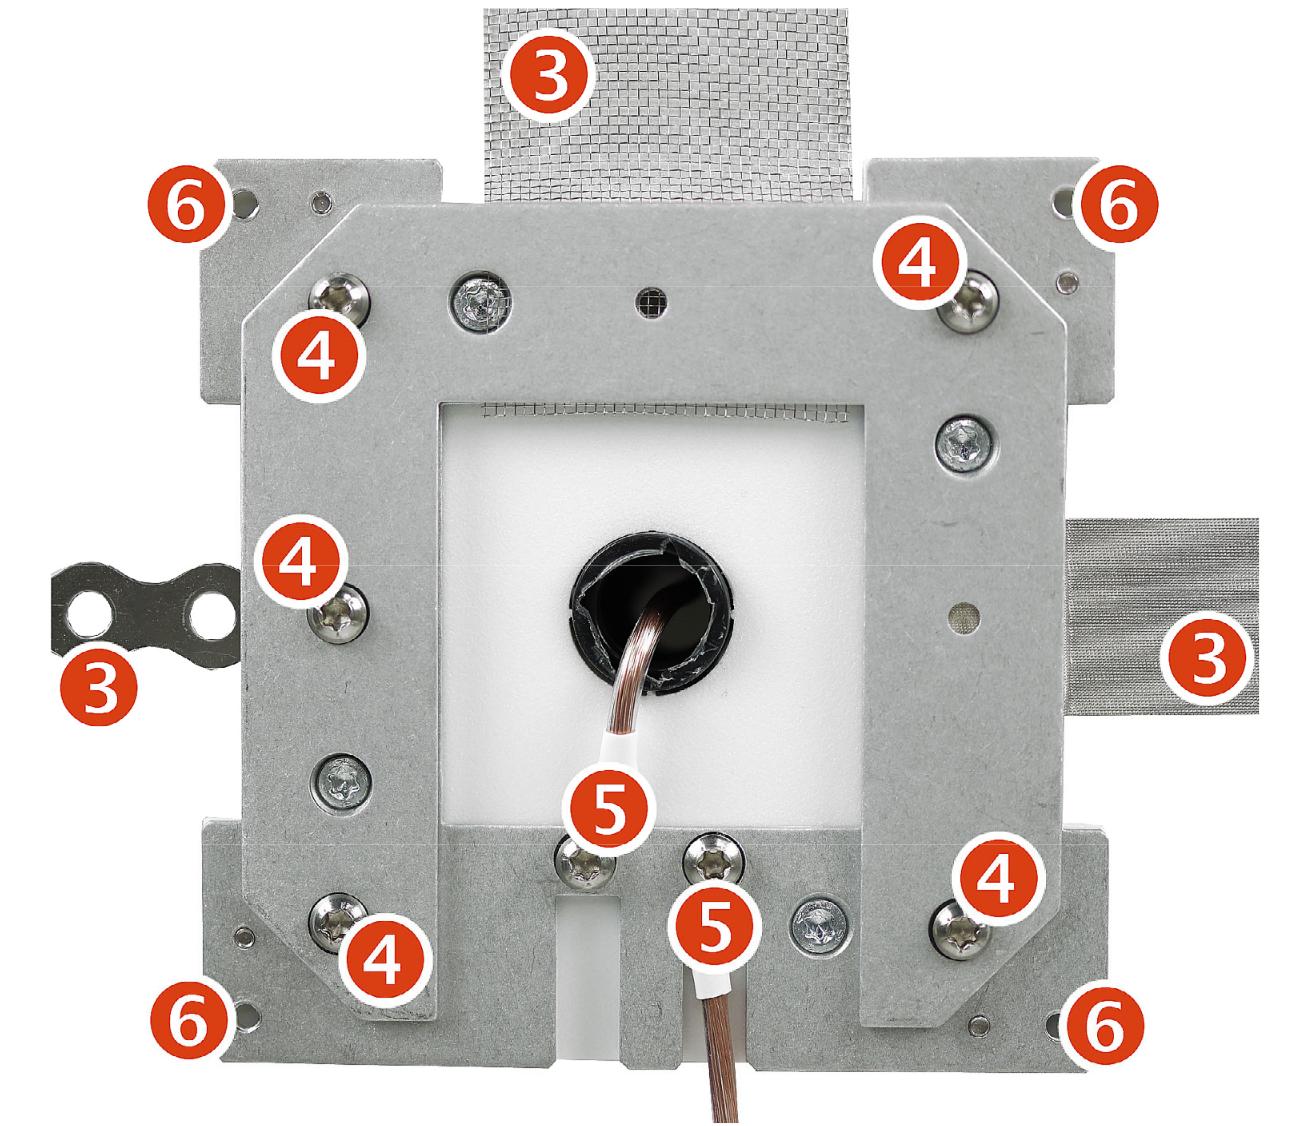 Les étapes de blindage YSHIELD® GF4   Boîtier de mise à la terre 120x120 mm pour peintures et tissus anti ondes HF+BF